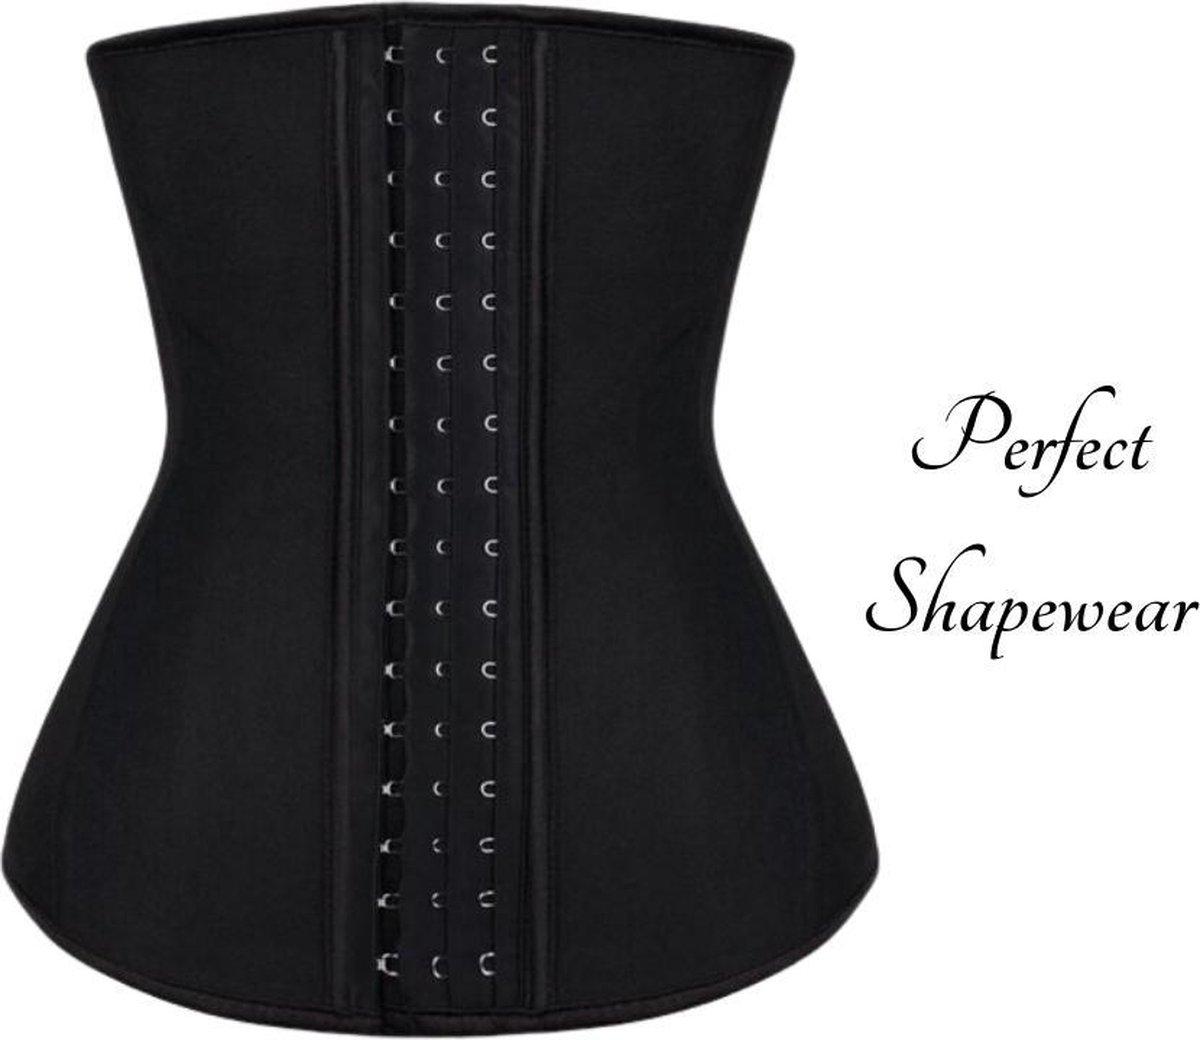 Perfect Shape Waist Trainer | Maat XXL | Latex Body Shaper voor een Slanke Taille & Zandloper figuur